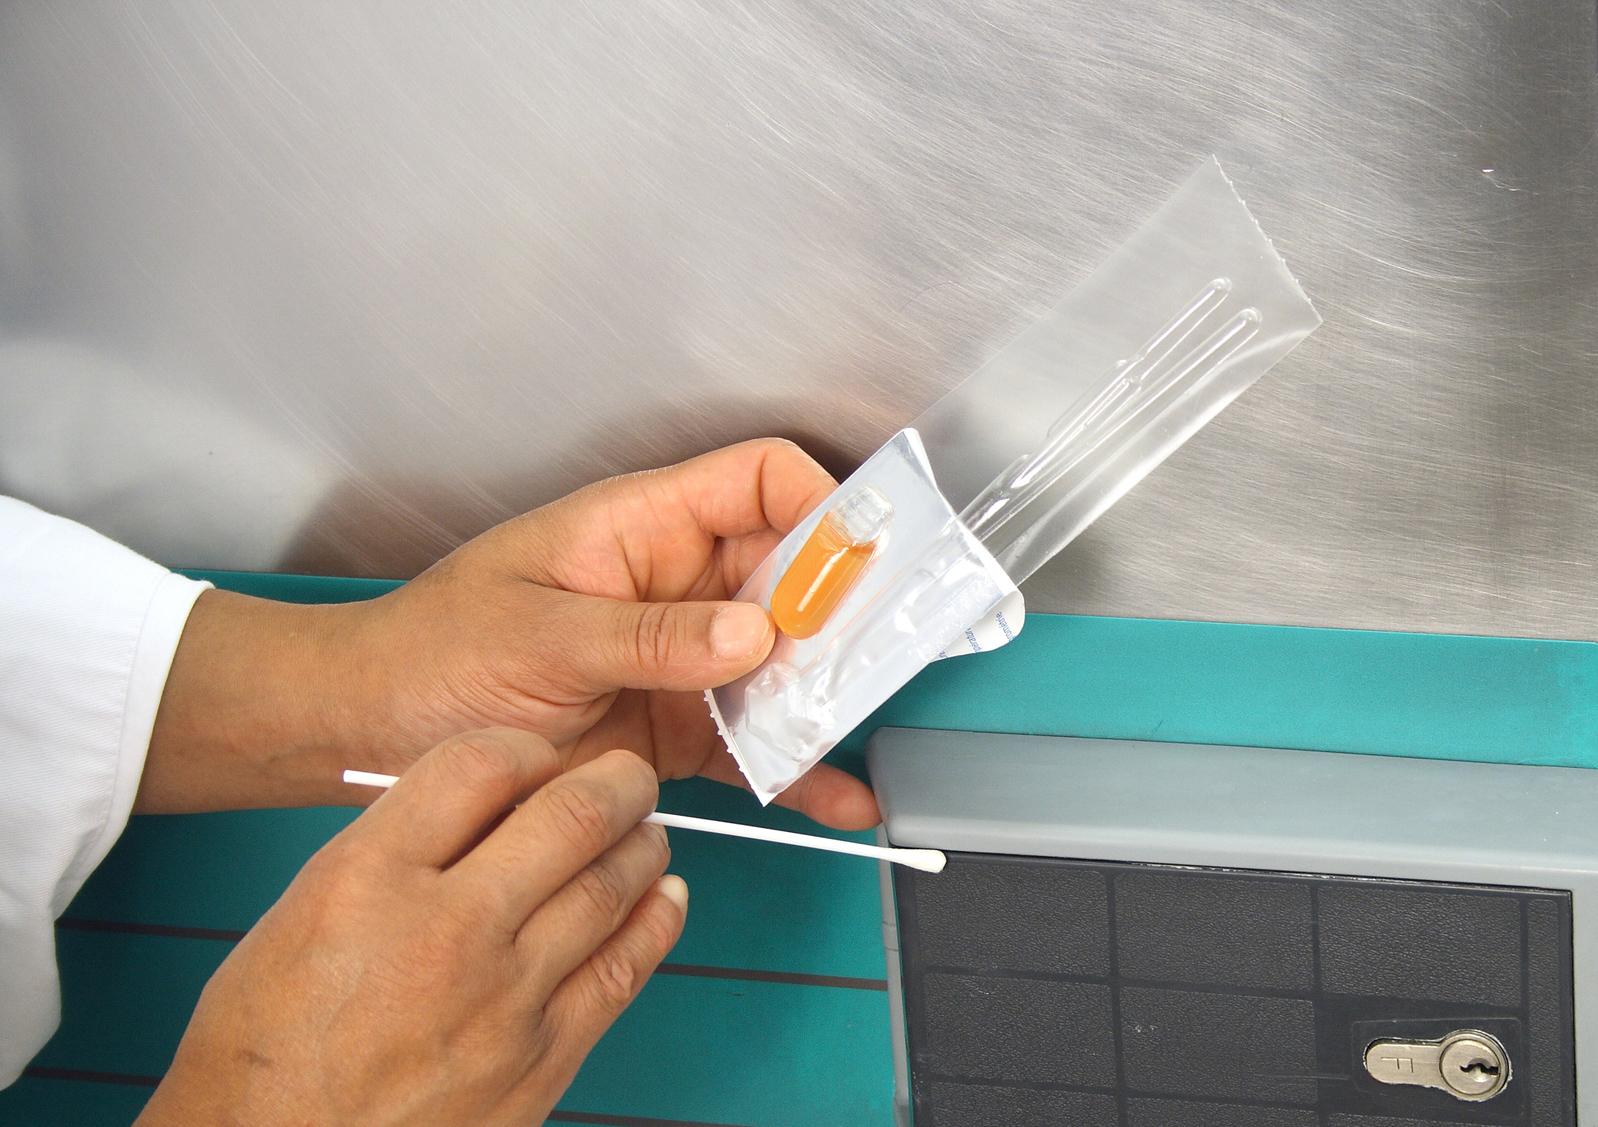 Le Sanitest permet d'effectuer des auto-contrôles des surfaces, matériels et des mains. Il fonctionne sur le principe du test microbiologique.